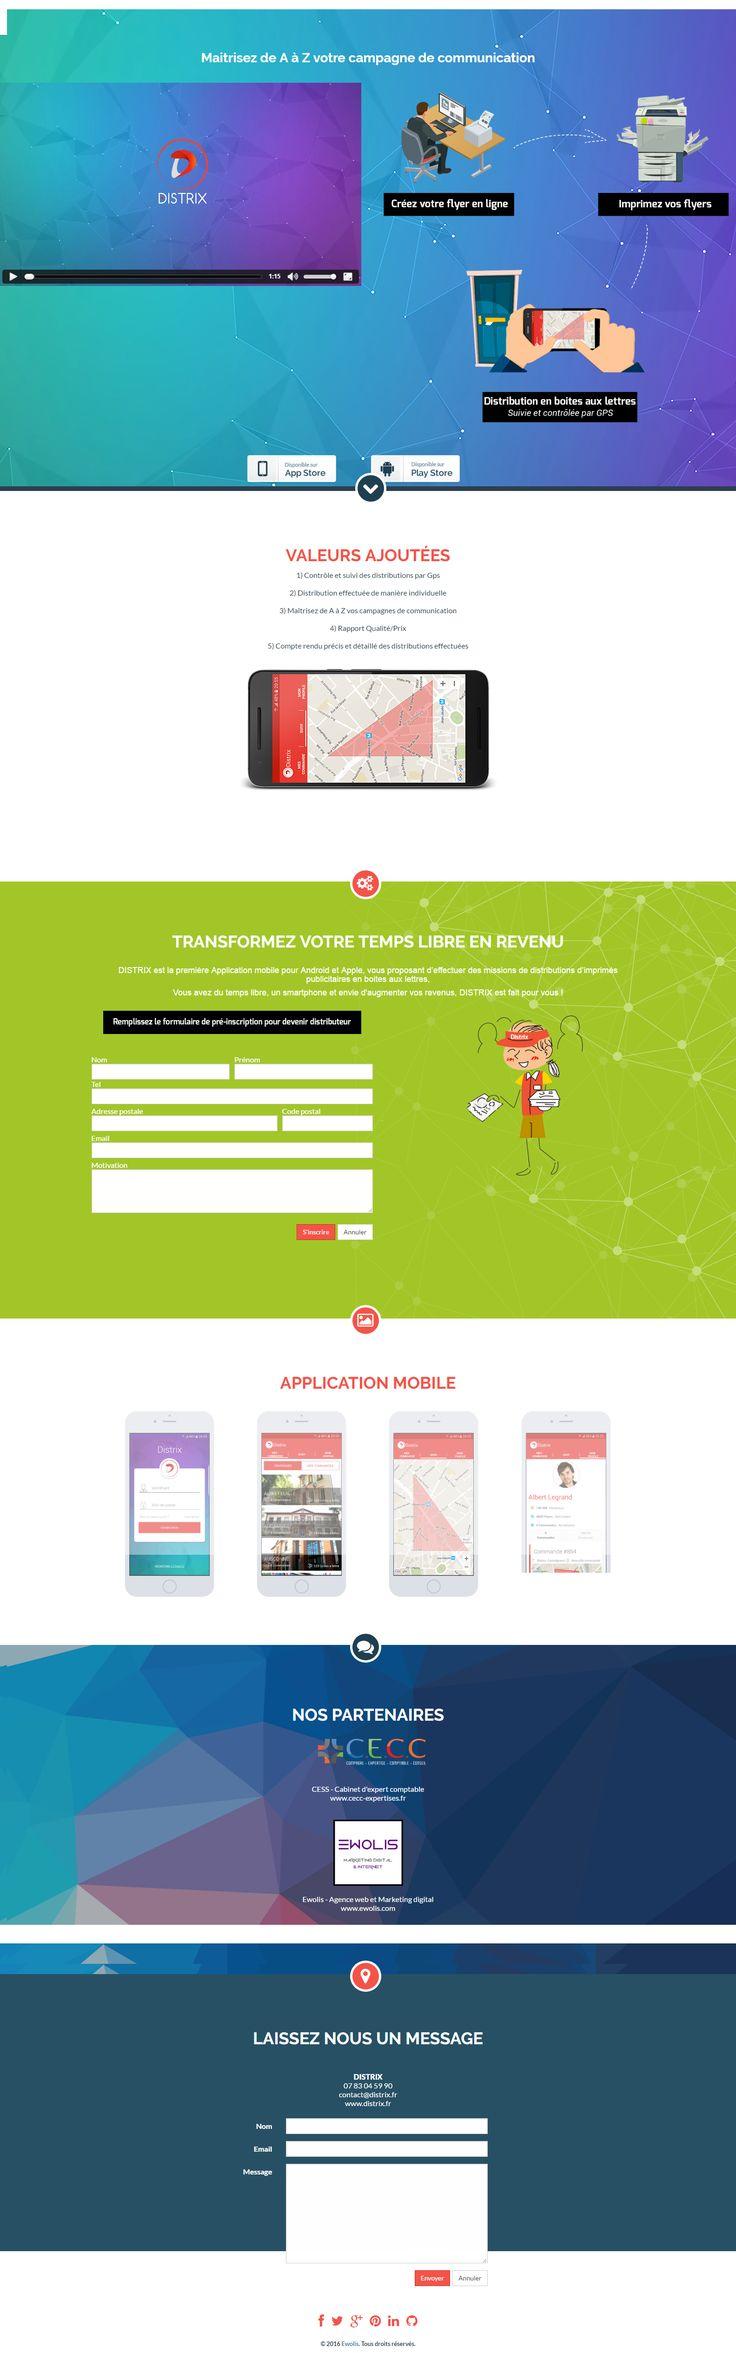 DISTRIX  Start-Up Toulousaine qui apporte une véritable révolution sur le marché de la communication et de la distribution de prospectus. Le concept mis en place par l'entreprise réunit sous une seule plate-forme tous les outils pour mettre en place des campagnes publicitaires. L'idée est d'automatiser et de rendre très accessible les campagnes de publicité et de communication.